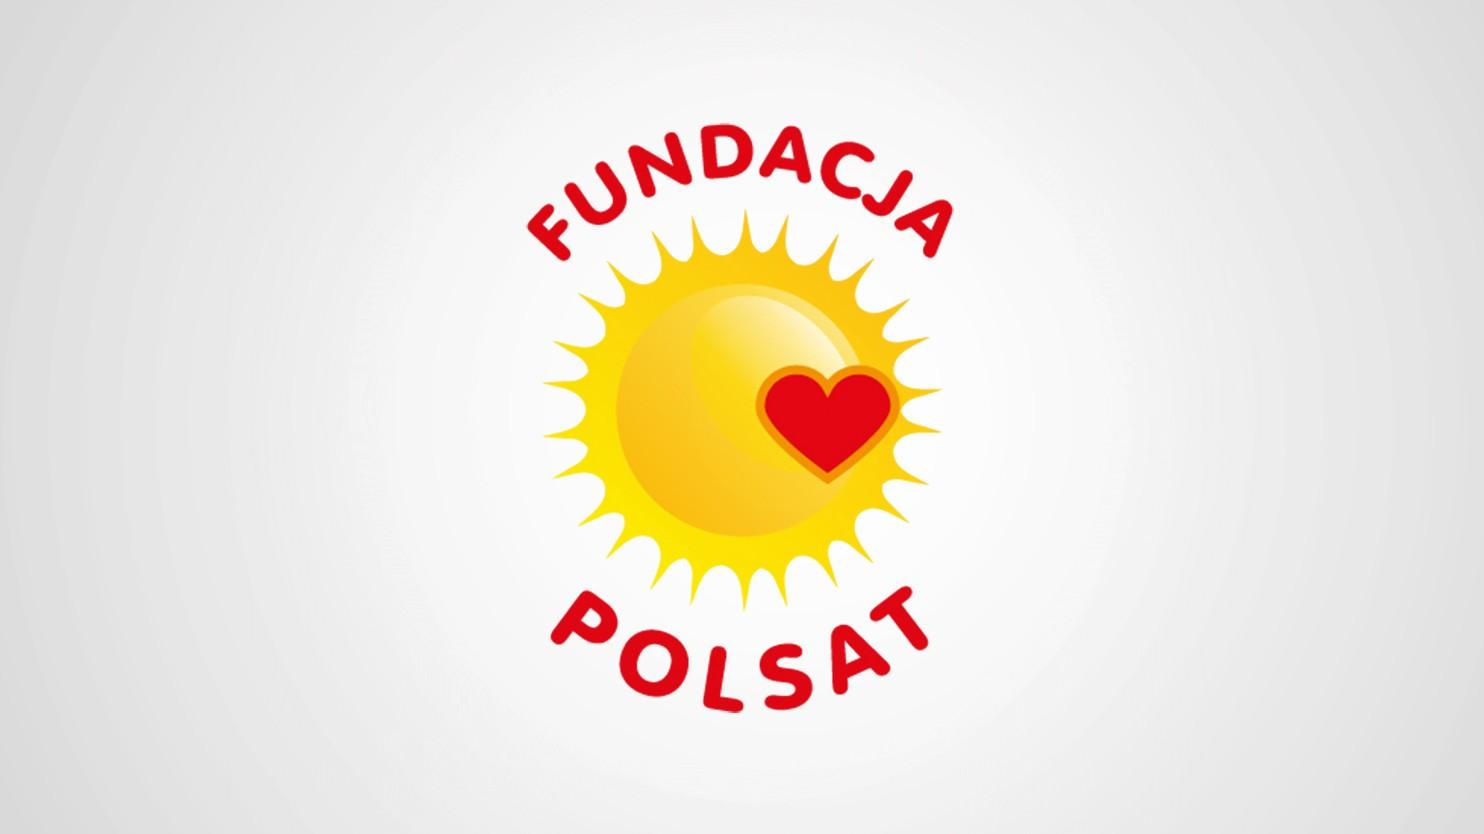 Fundacja Polsat przekazała 150 tys. złotych na remont Ośrodka Symulacji Chirurgii Małoinwazyjnej u Dzieci